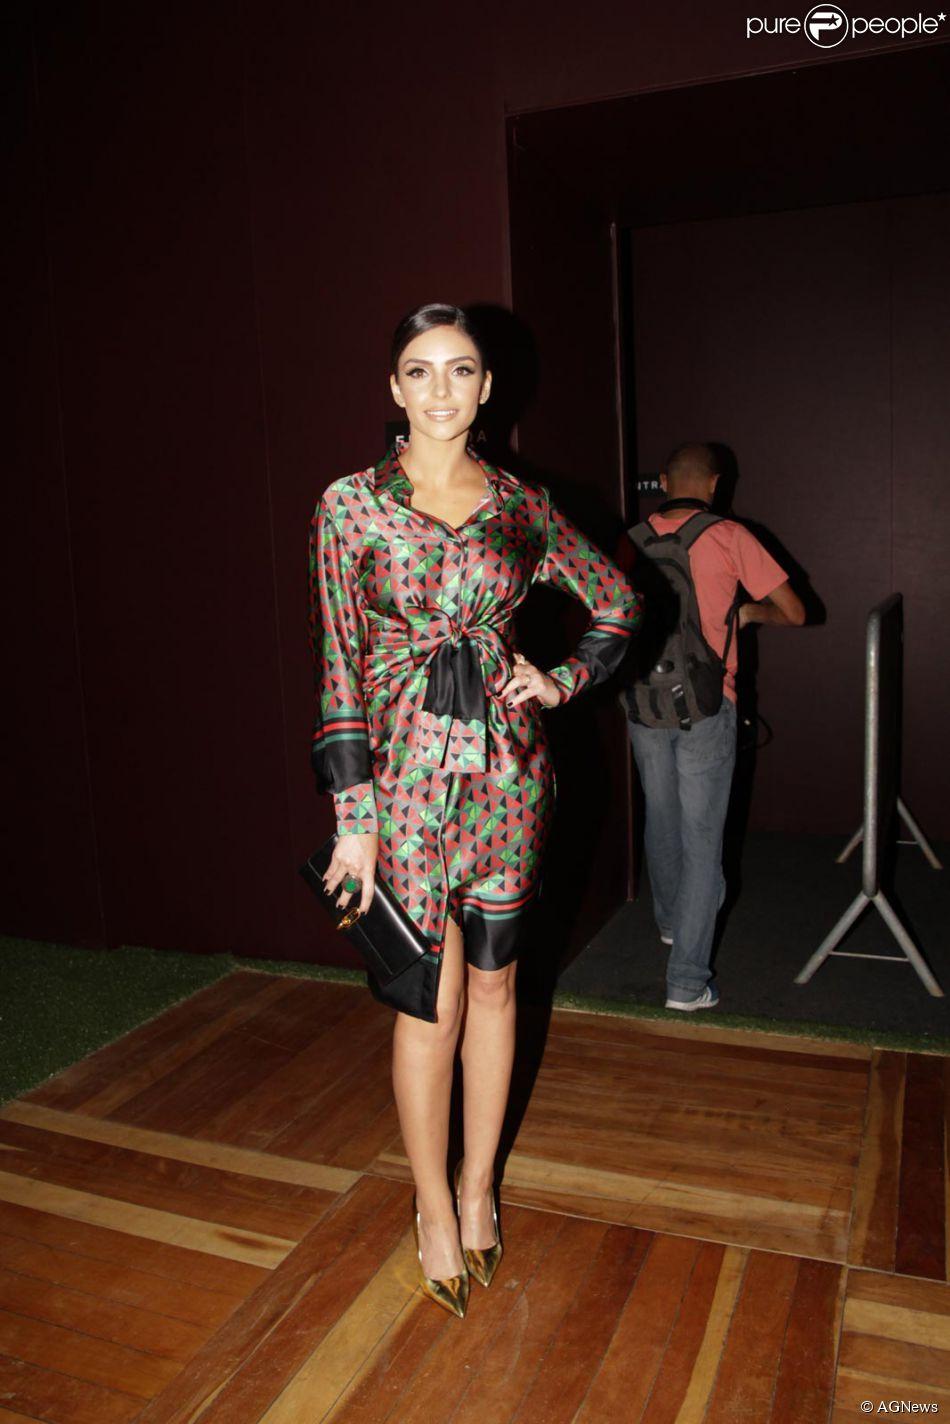 Carol Celico escolheu um vestido de seda da grife A partamento 03 para o primeiro dia de desfiles da São Paulo Fashion Week, na segunda-feira, 13 de abril 2015